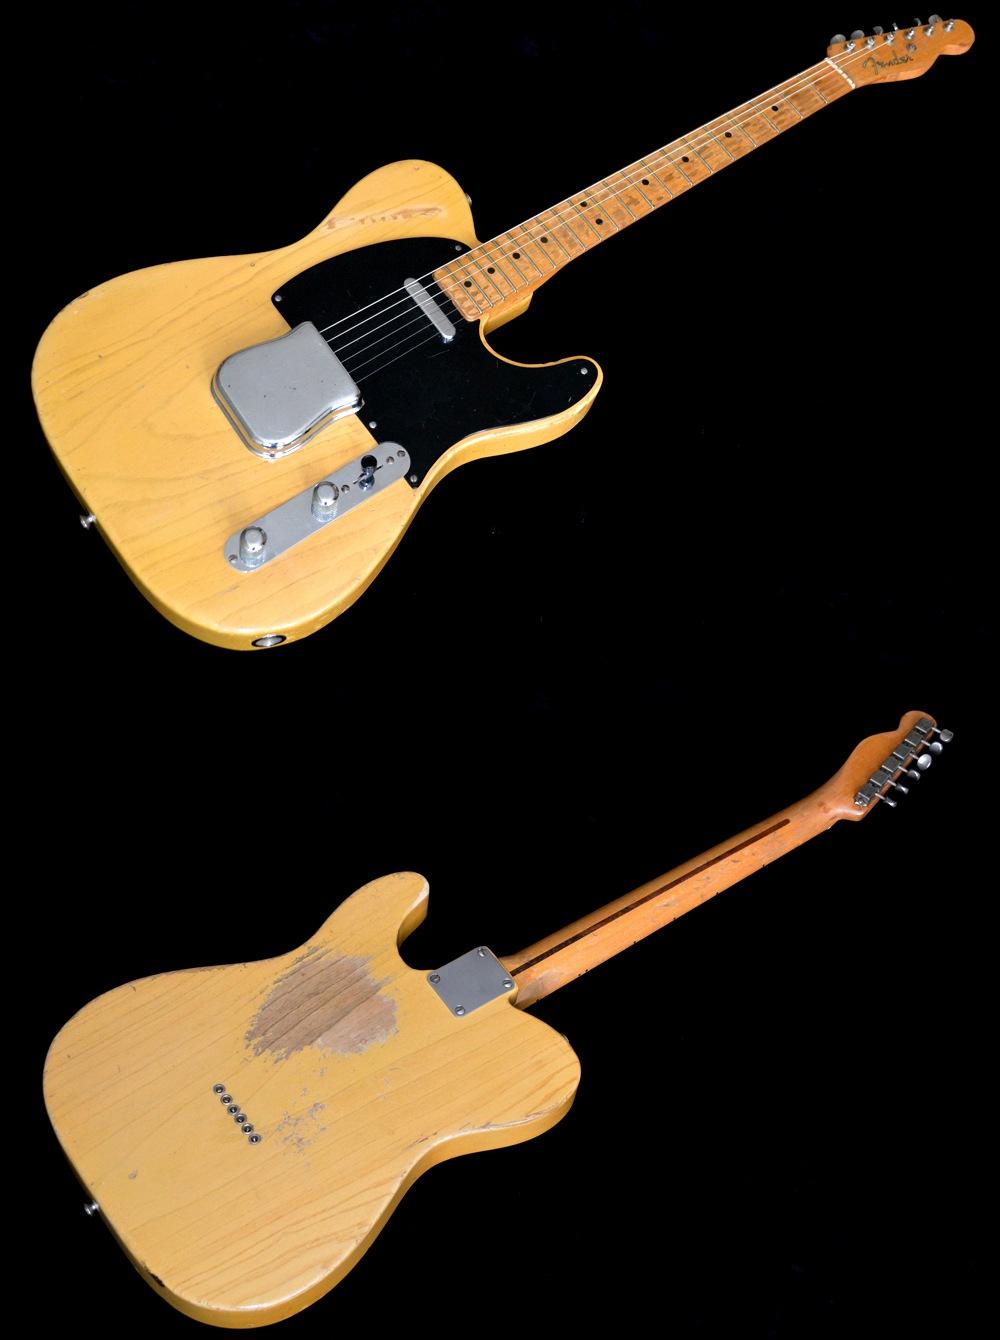 1951 fender nocaster butterscotch blonde garys classic guitars vintage guitars llc. Black Bedroom Furniture Sets. Home Design Ideas